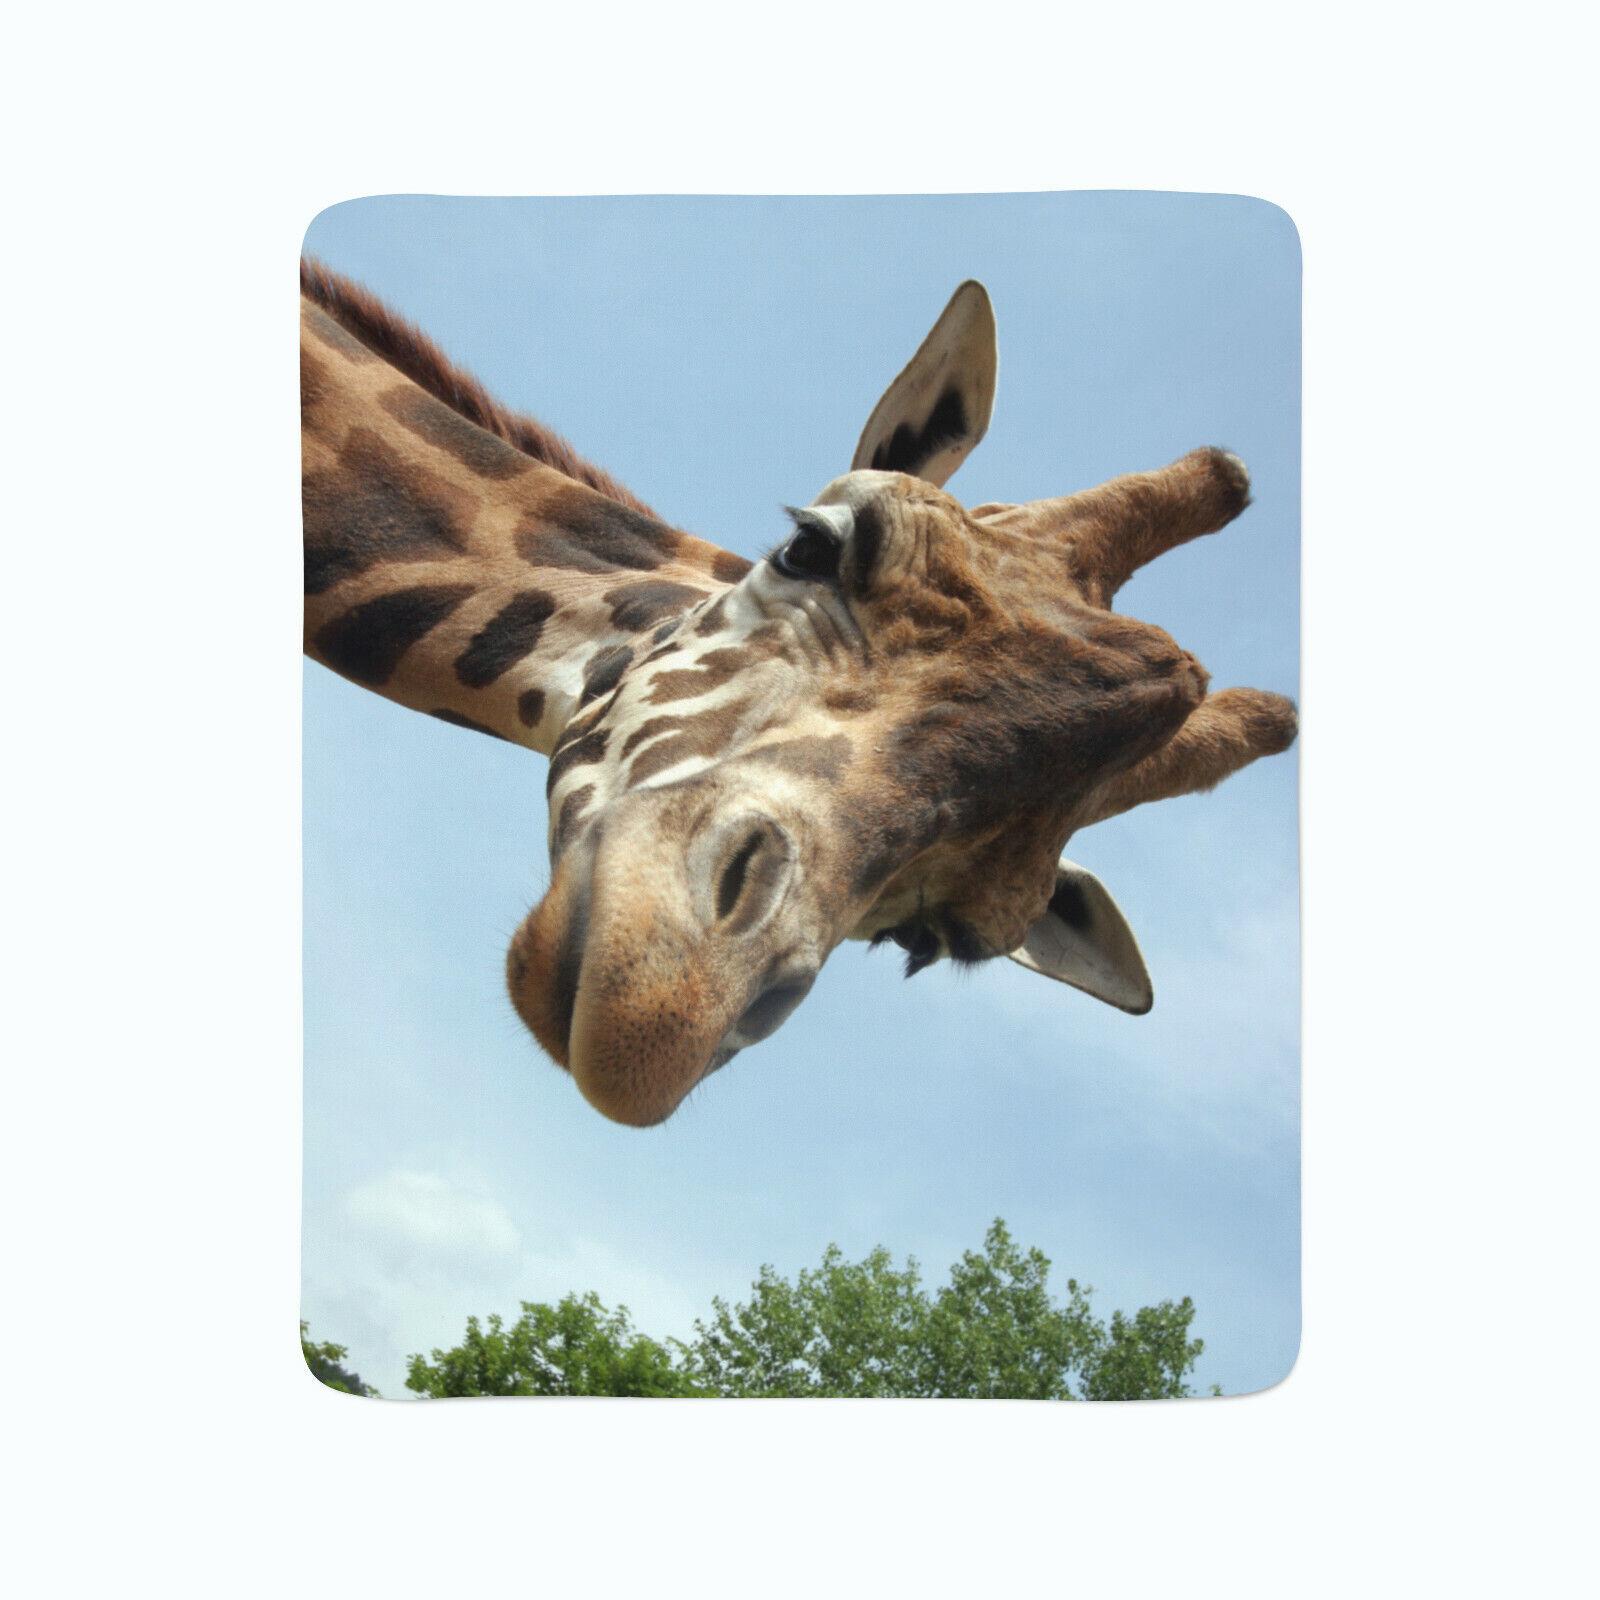 Fleece Decke Foto Decke Kuscheldecke mit Motiv Natur Tiere Giraffe Kopf Porträt